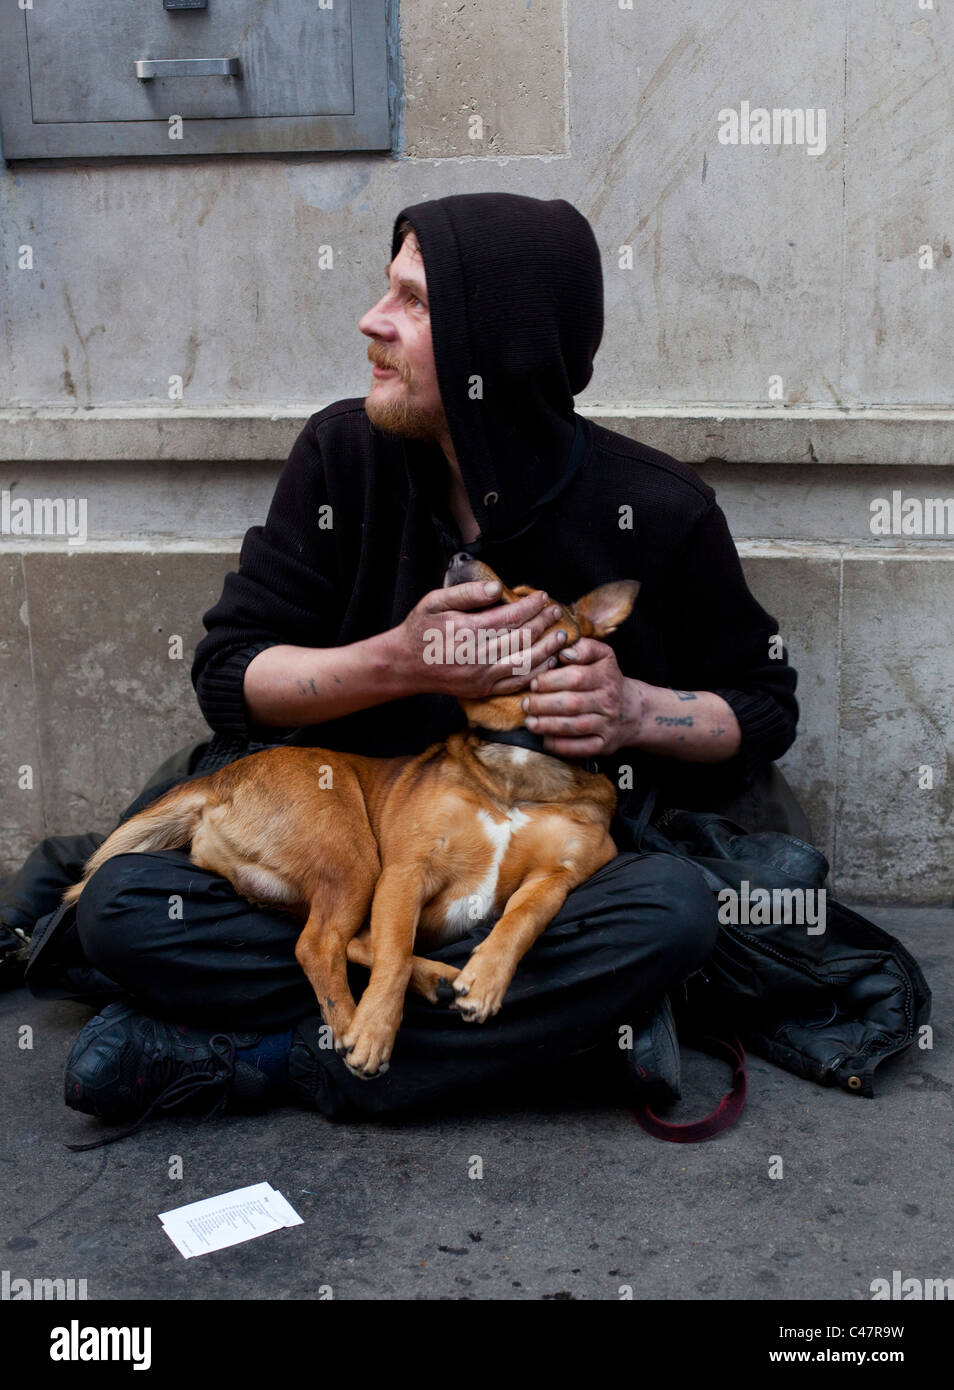 Un uomo senza tetto per l'accattonaggio denaro sul marciapiede e tenendo la sua pet fare, Londra, Inghilterra, Immagini Stock